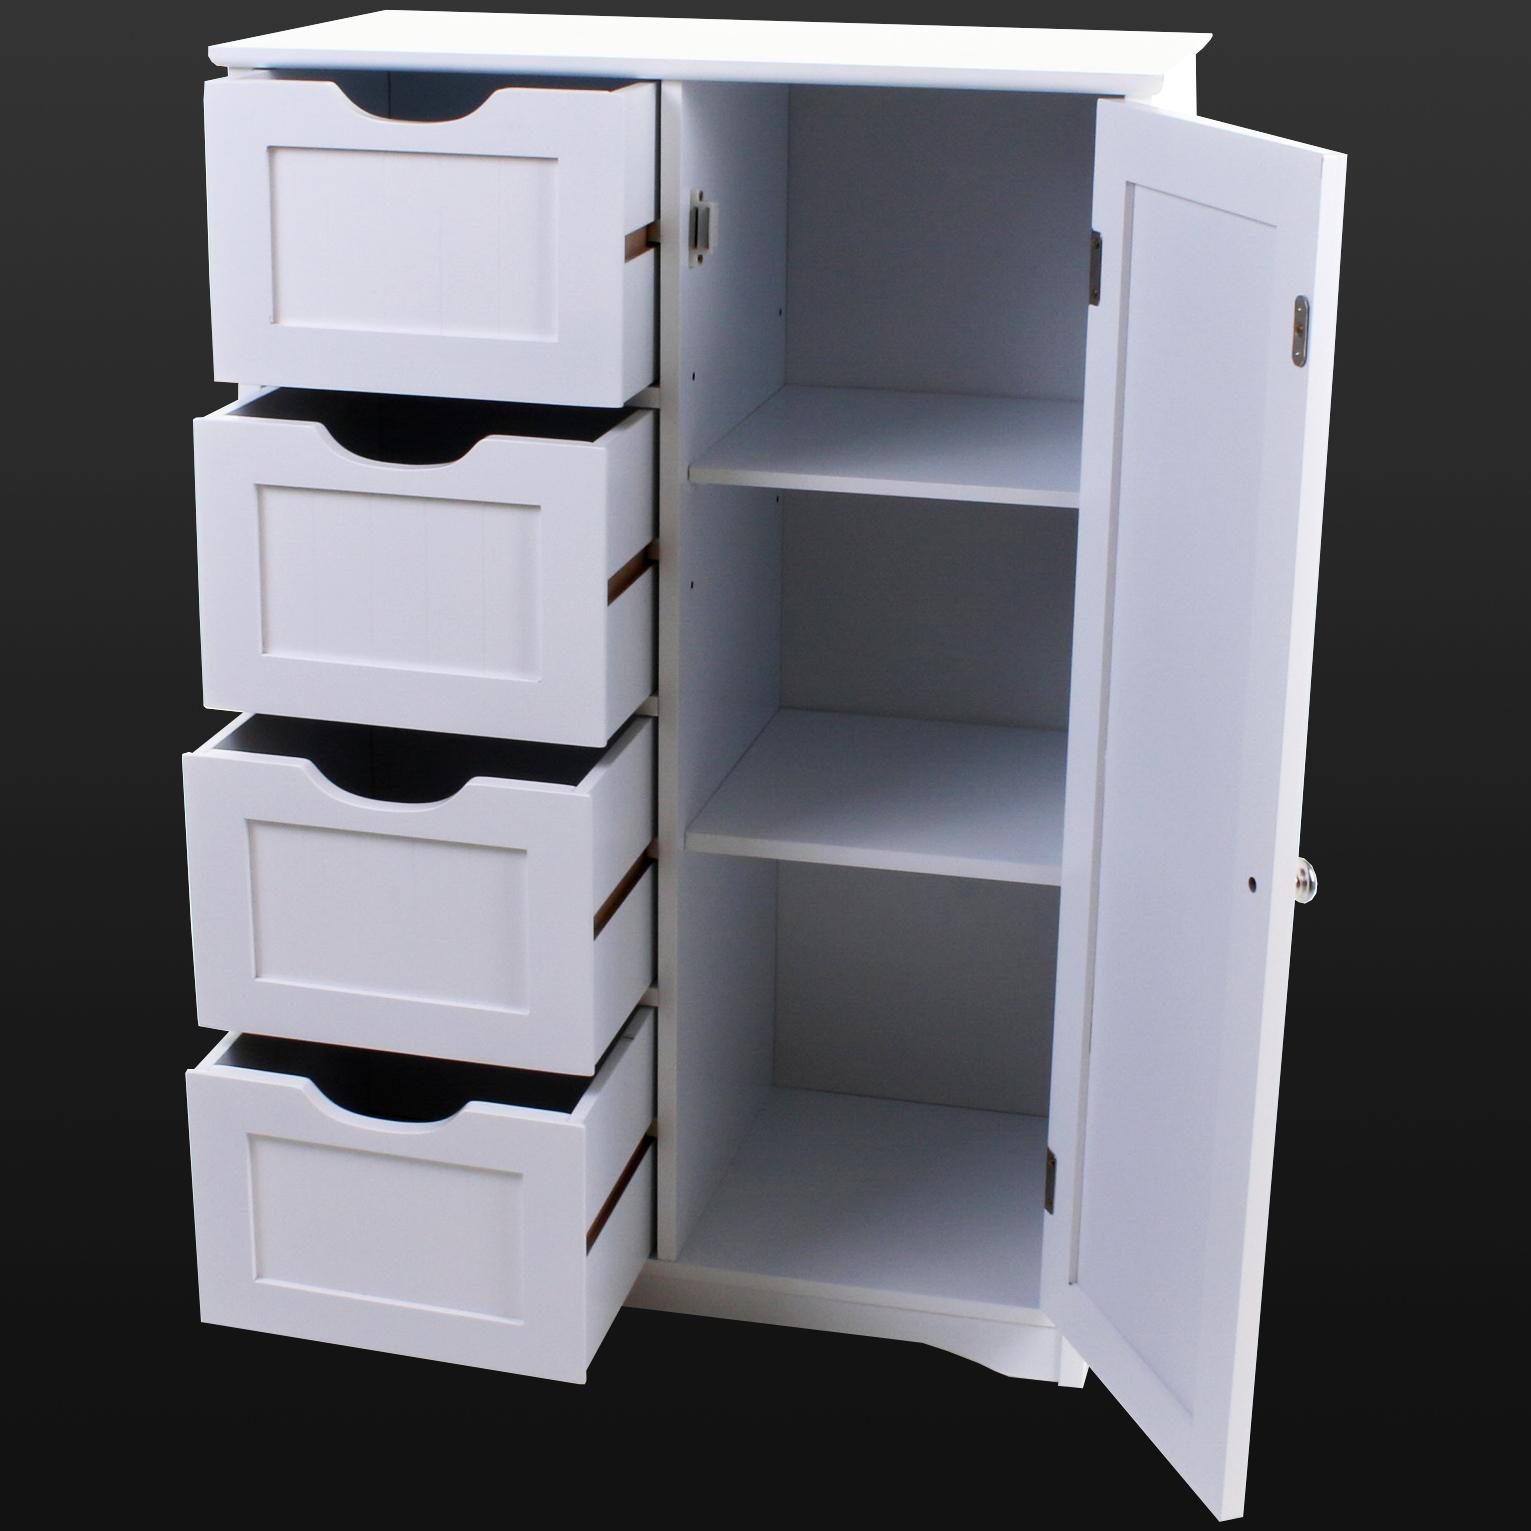 4 Drawer Bathroom Cabinet Storage Unit Wooden Chest